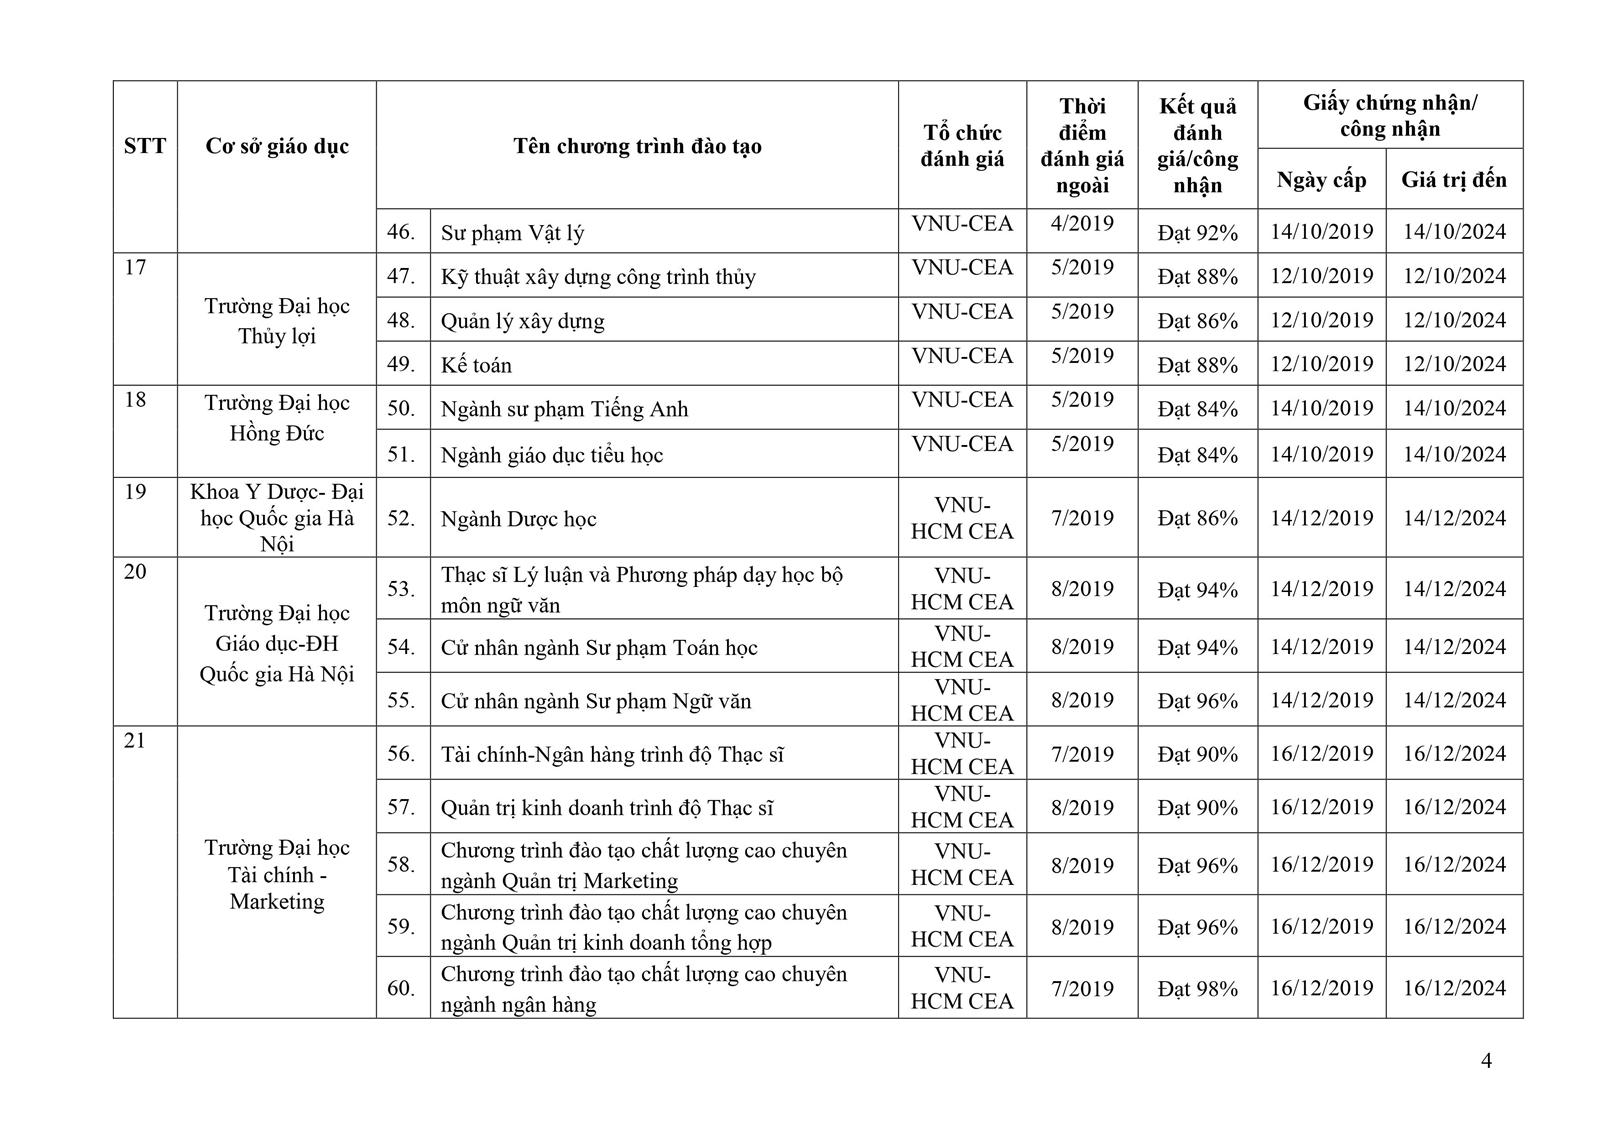 157 chương trình đào tạo ĐH được đánh giá theo chuẩn nước ngoài